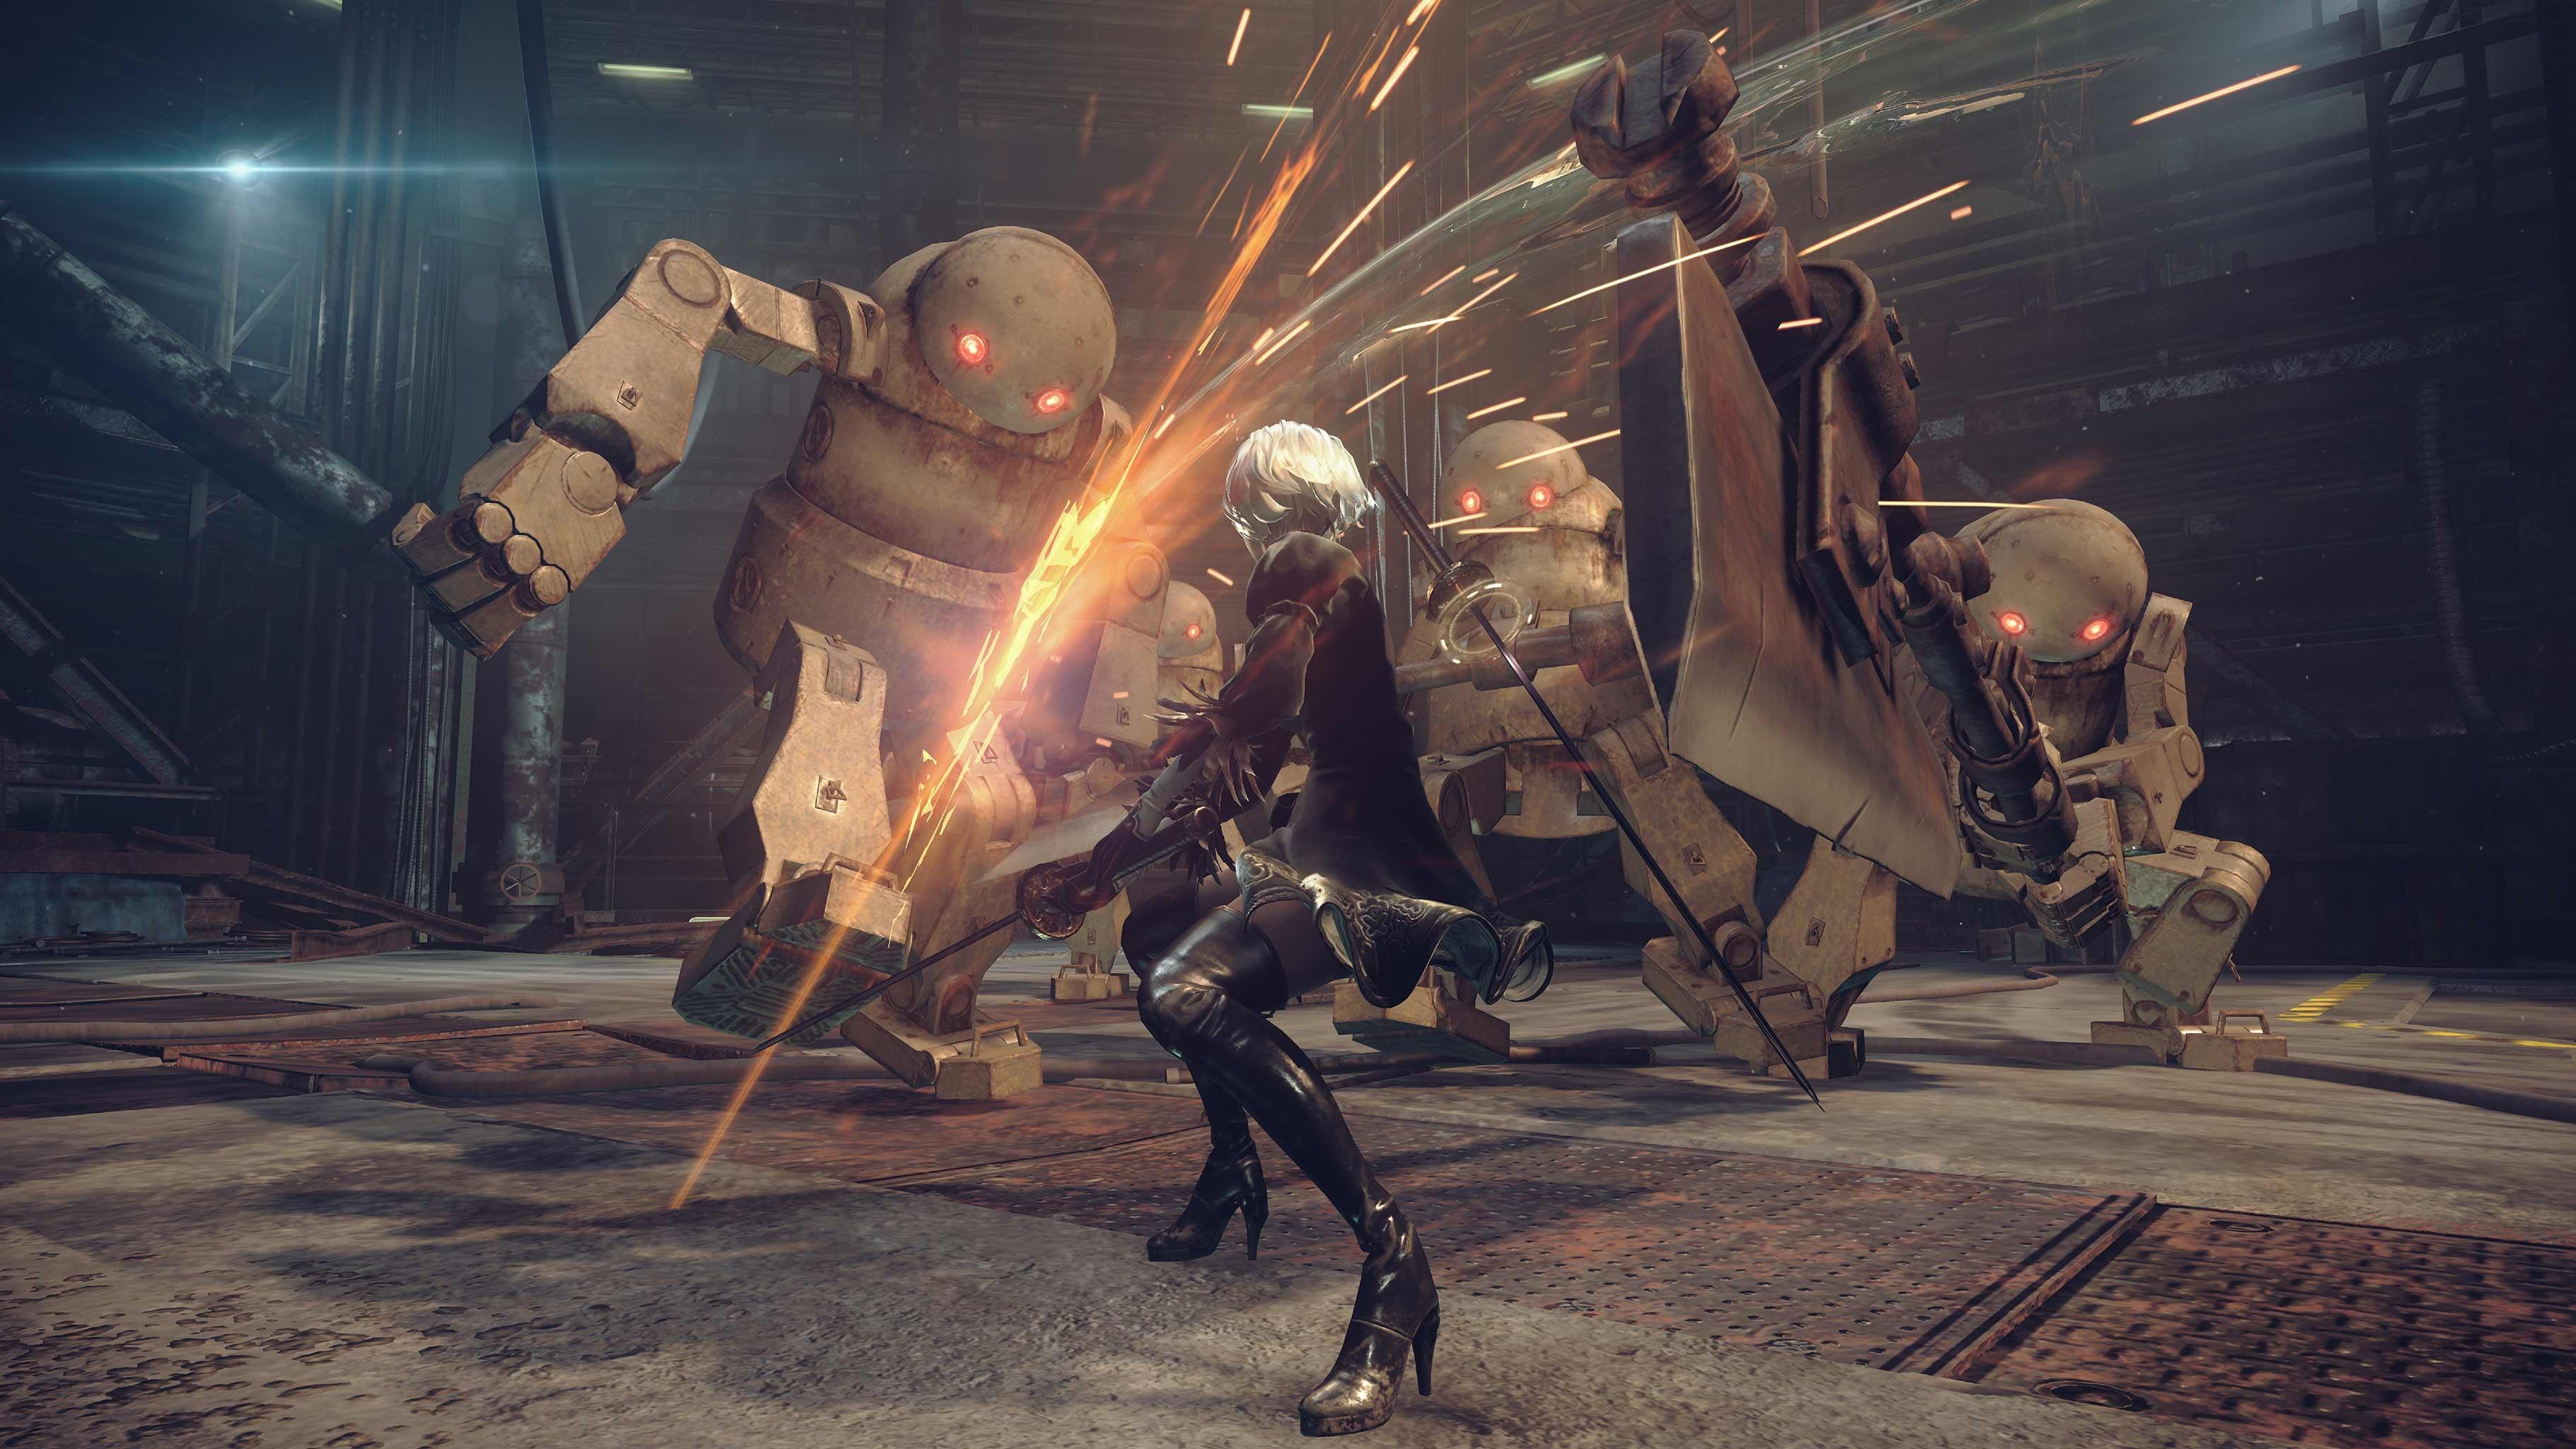 Screen z NieR: Automata przedstawiający scenę walki z wielkimi robotami